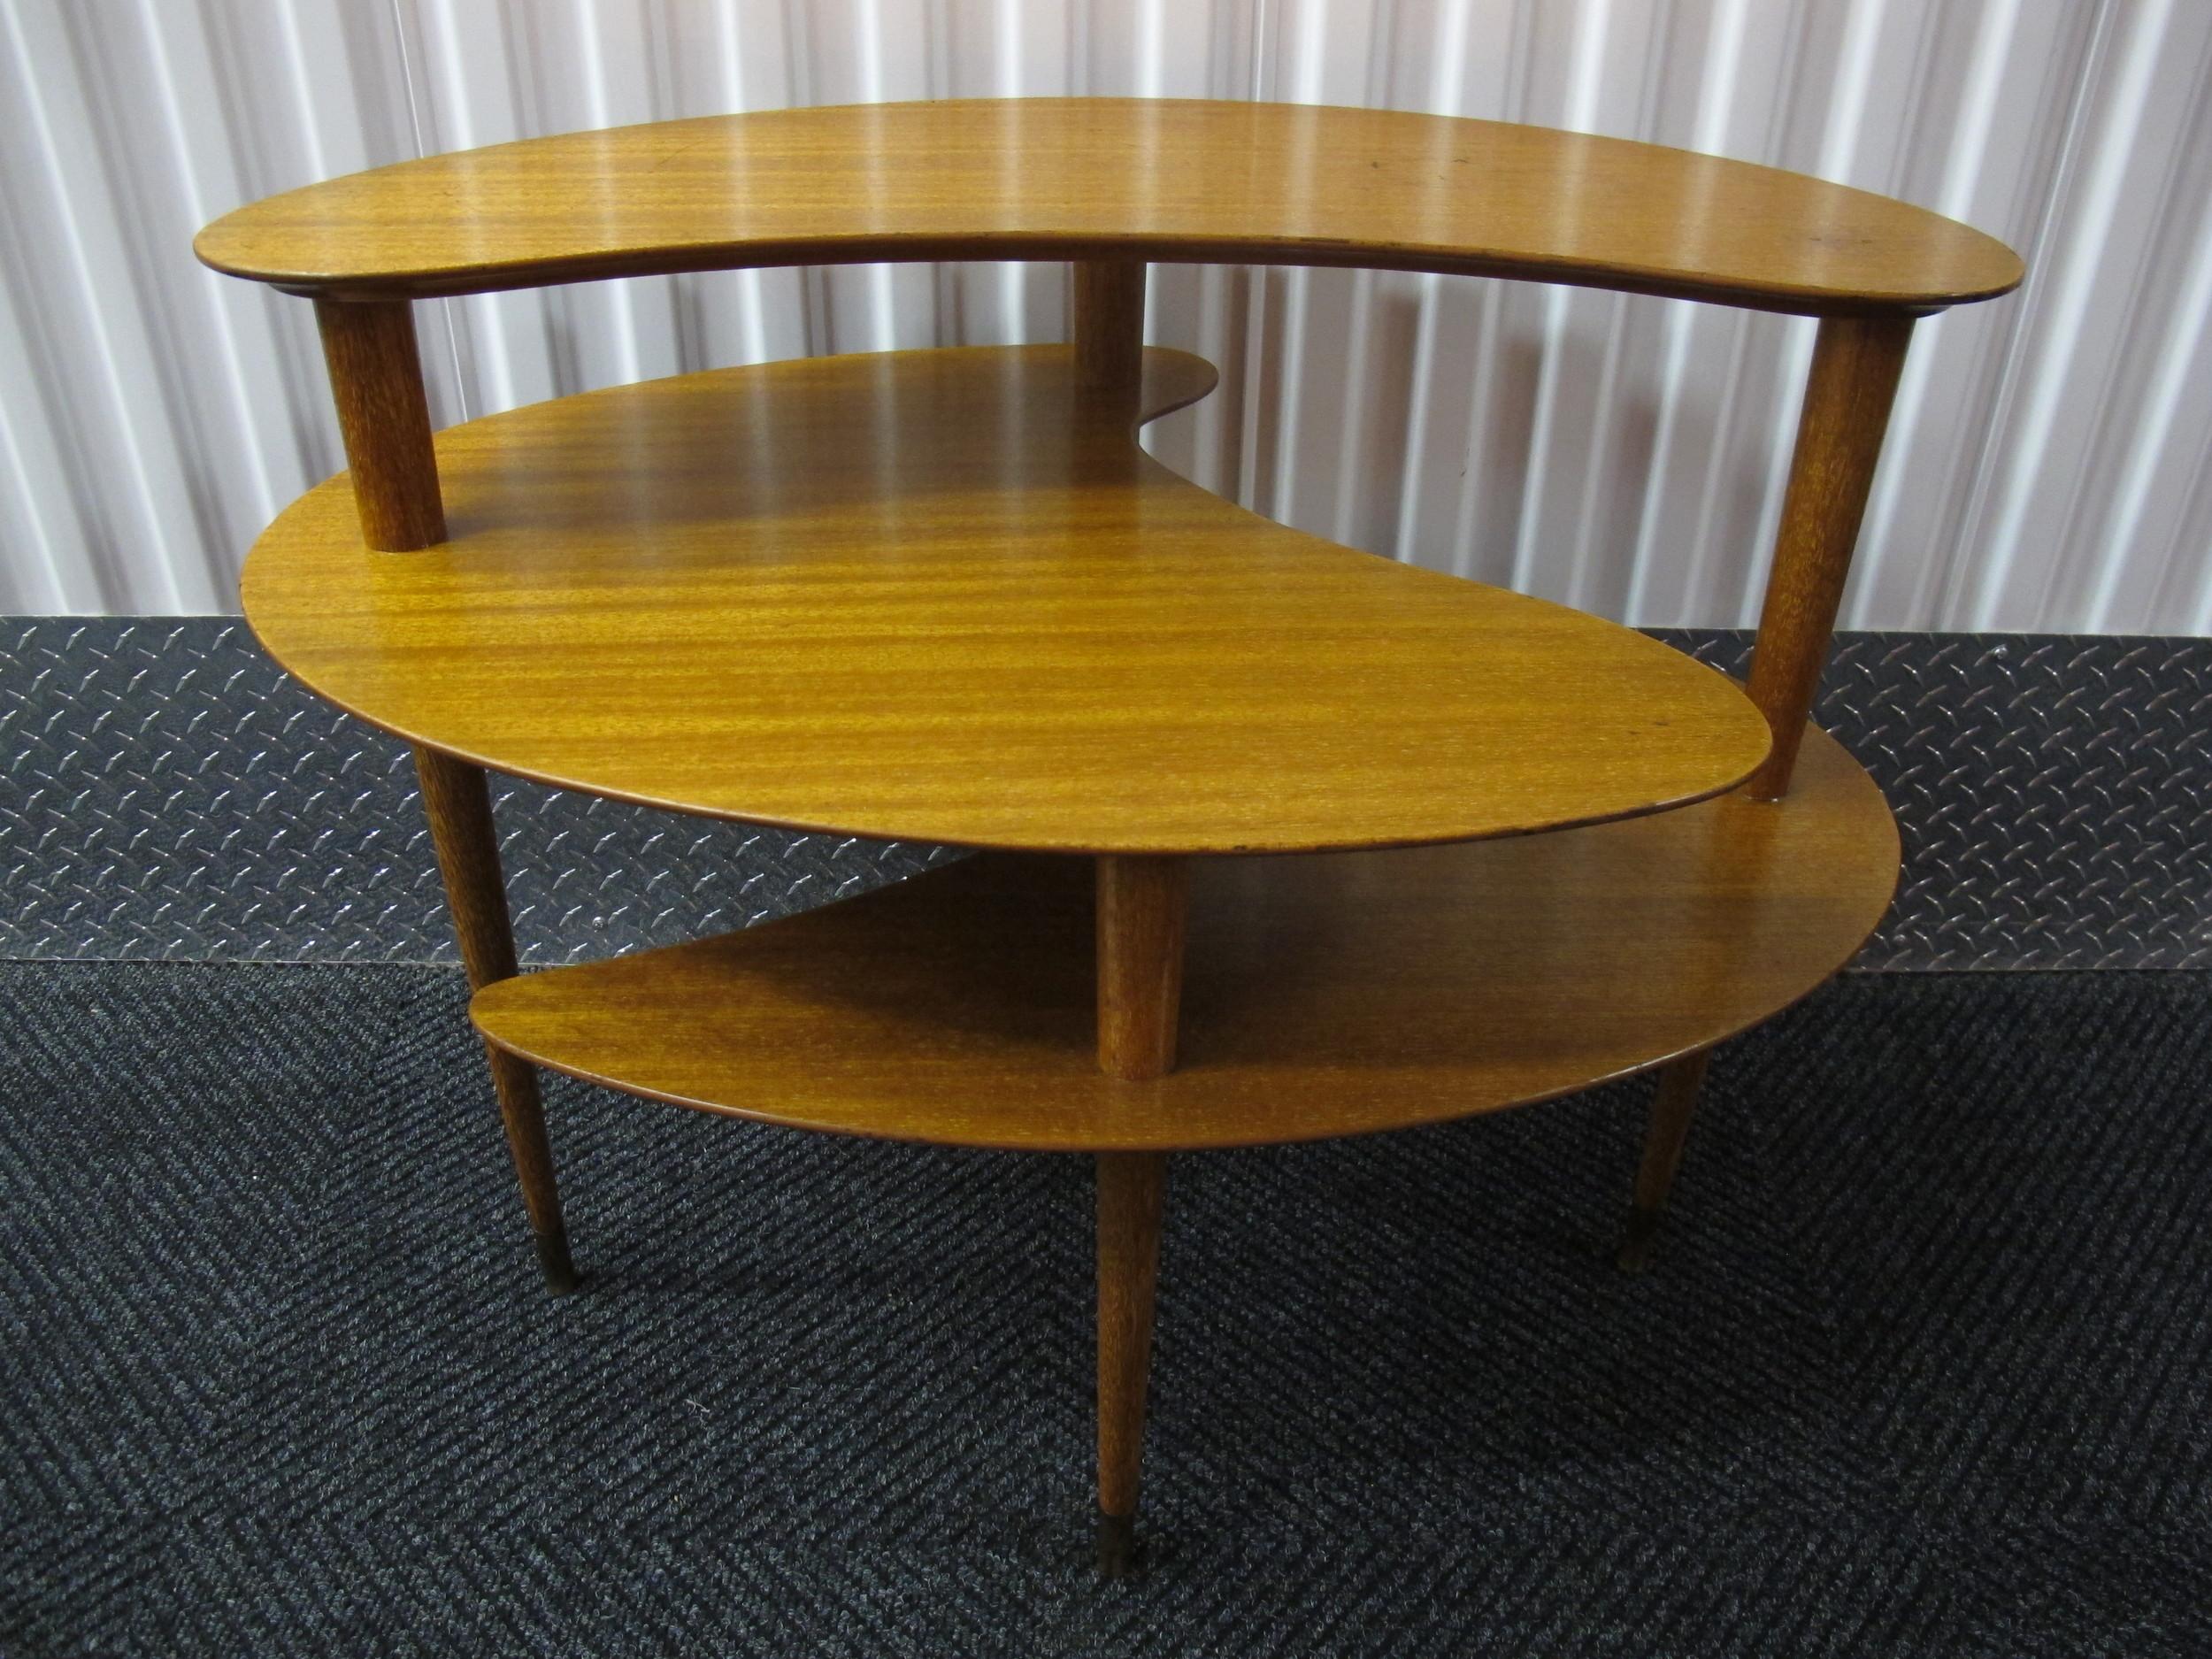 BROWN SALTMAN AMOEBA SIDE TABLE